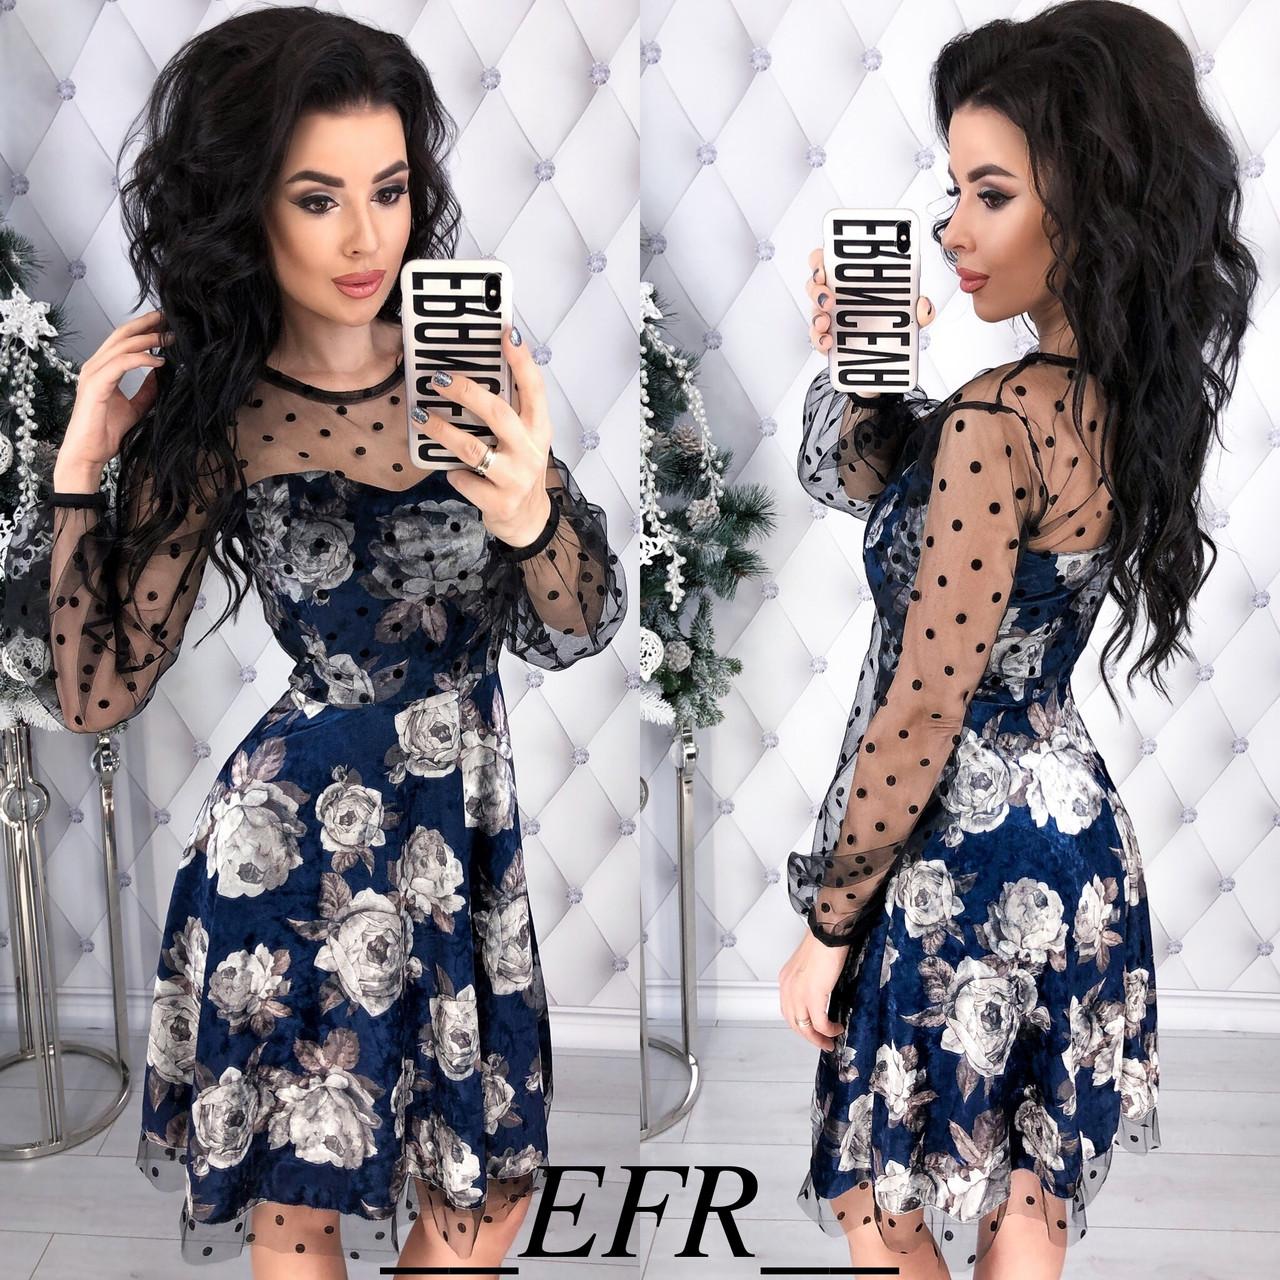 Платье с розами в расцветках 35000  Интернет-магазин модной женской одежды  оптом и в розницу . Самые низкие цены в Украине. платья женские от